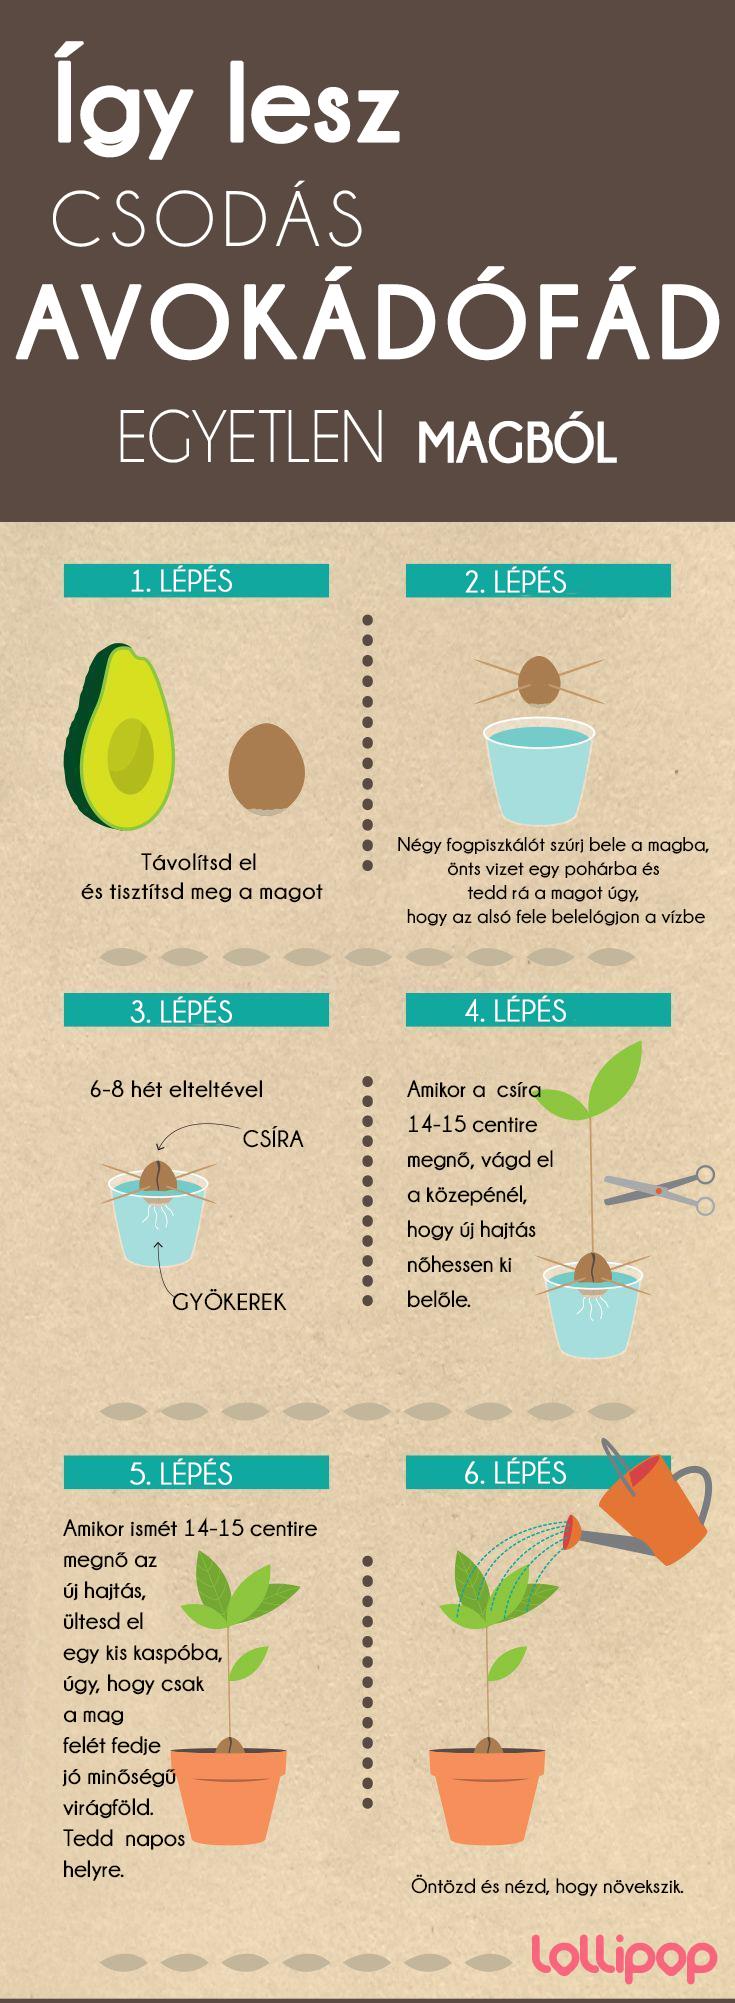 Így lesz csodálatos avokádófád egyetlen magból